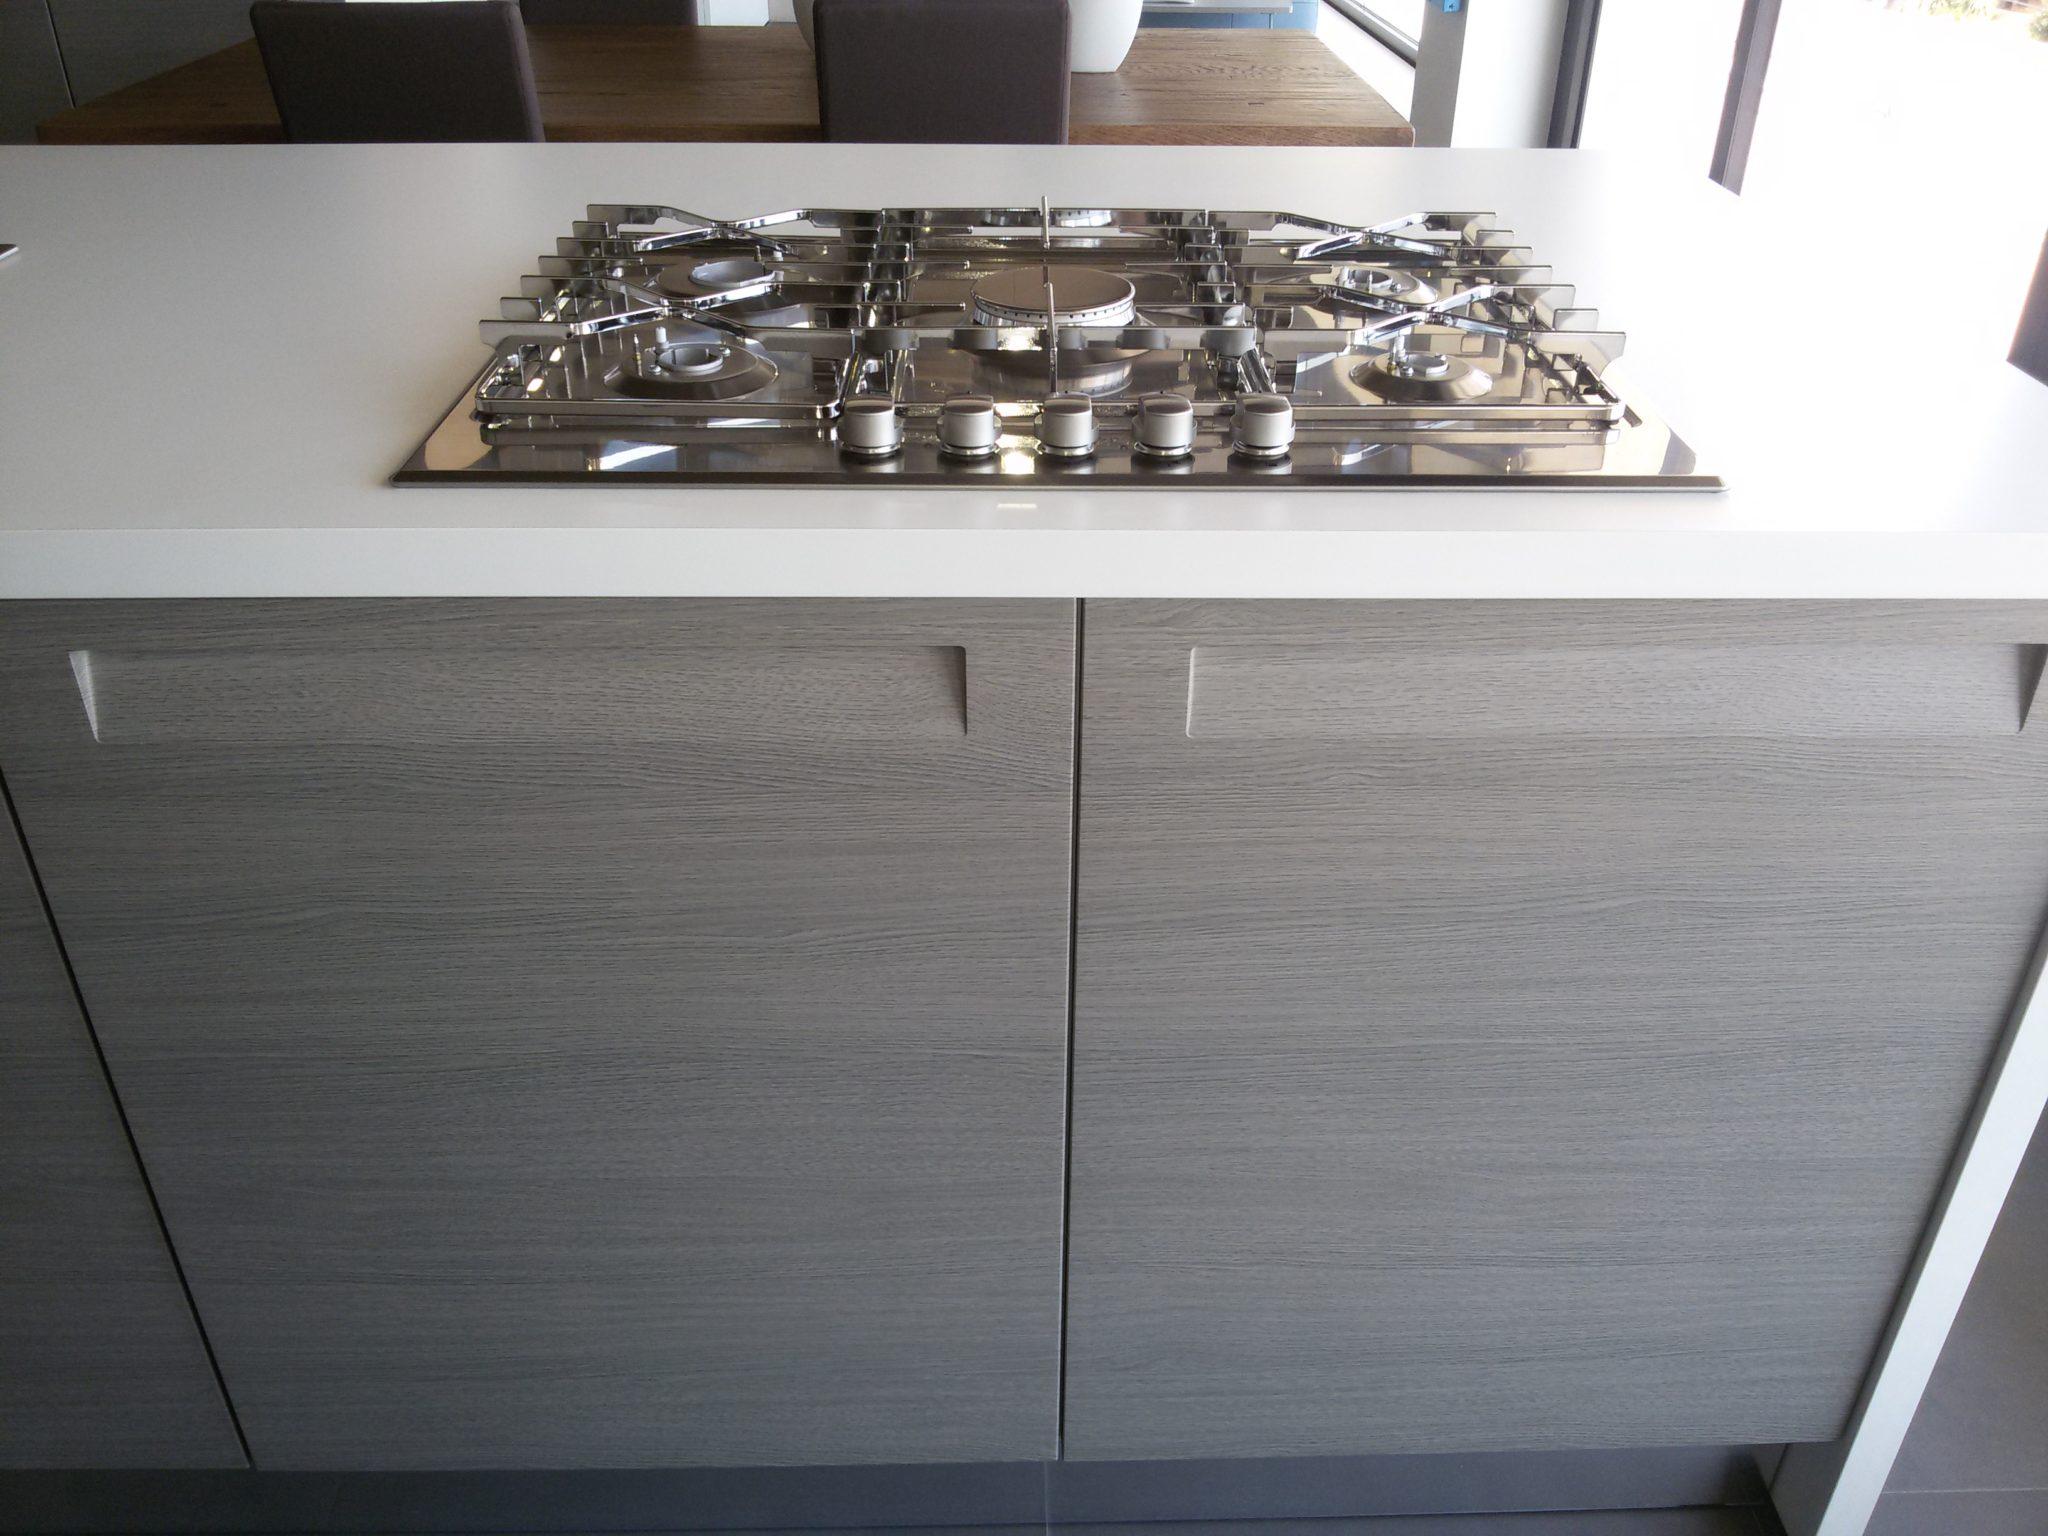 La cucina senza maniglia - lineatre - kucita - gli esperti ...